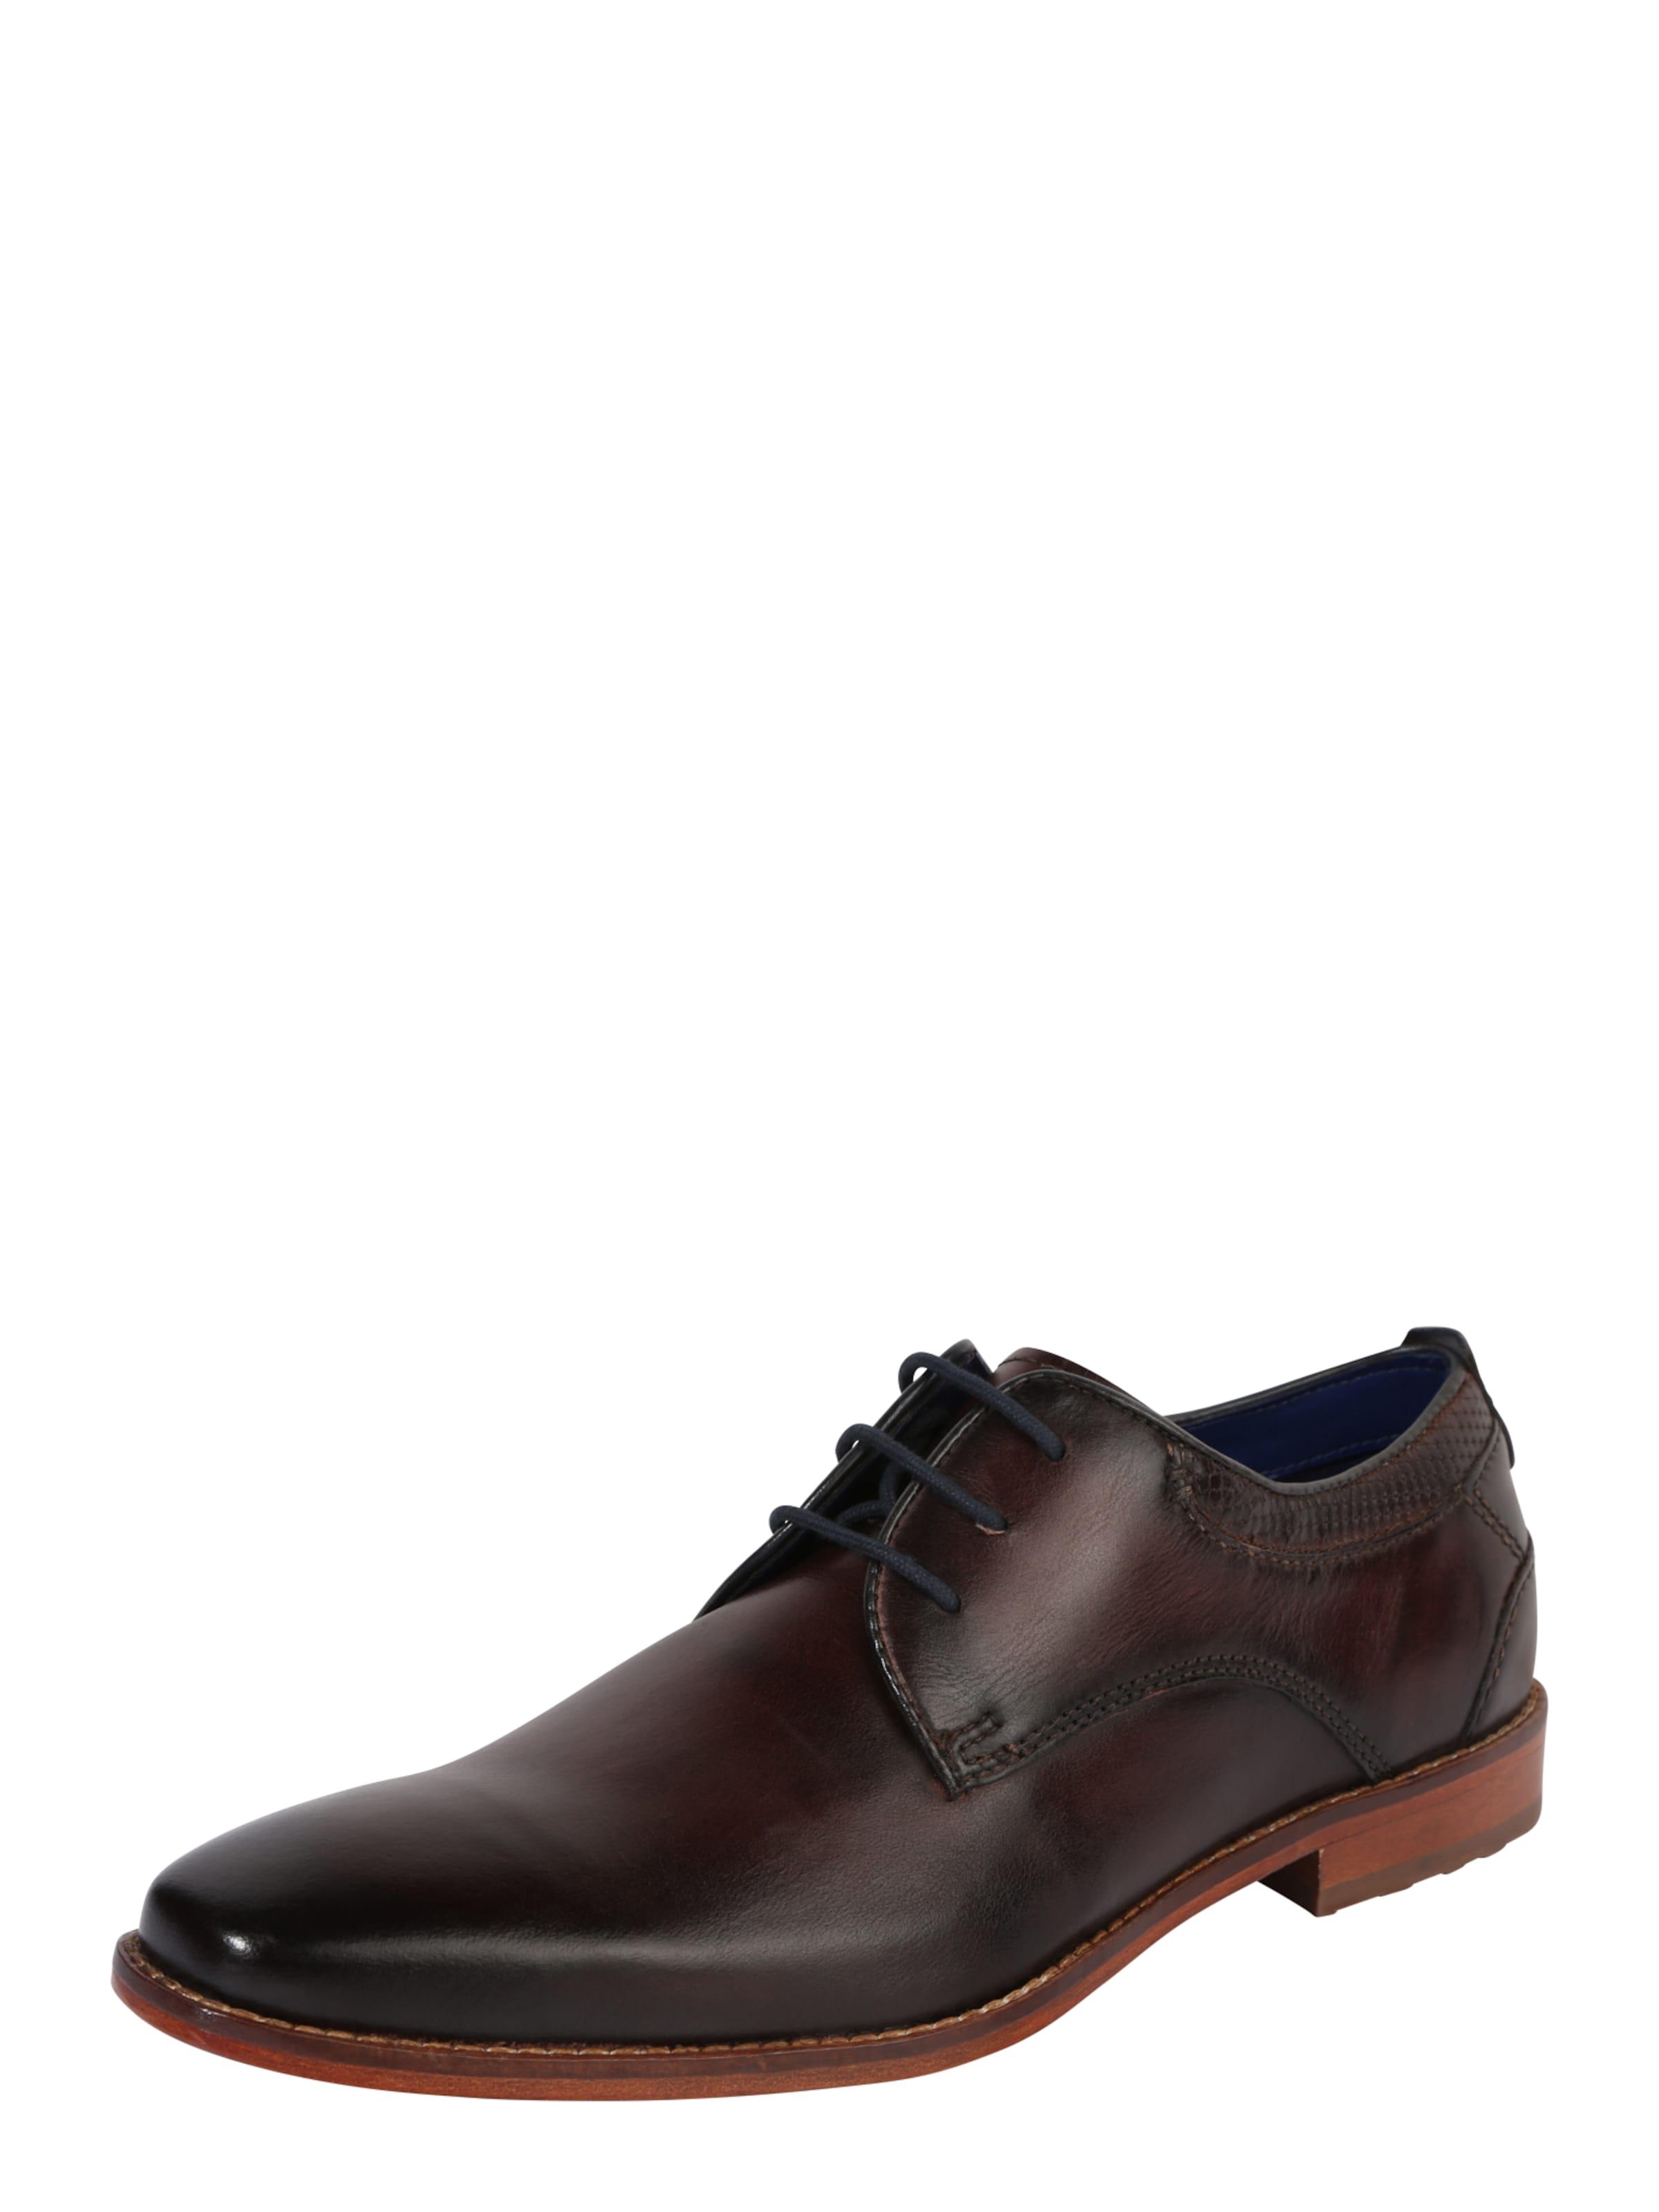 bugatti Schnürschuhe im Vintage-Look Günstige und langlebige Schuhe